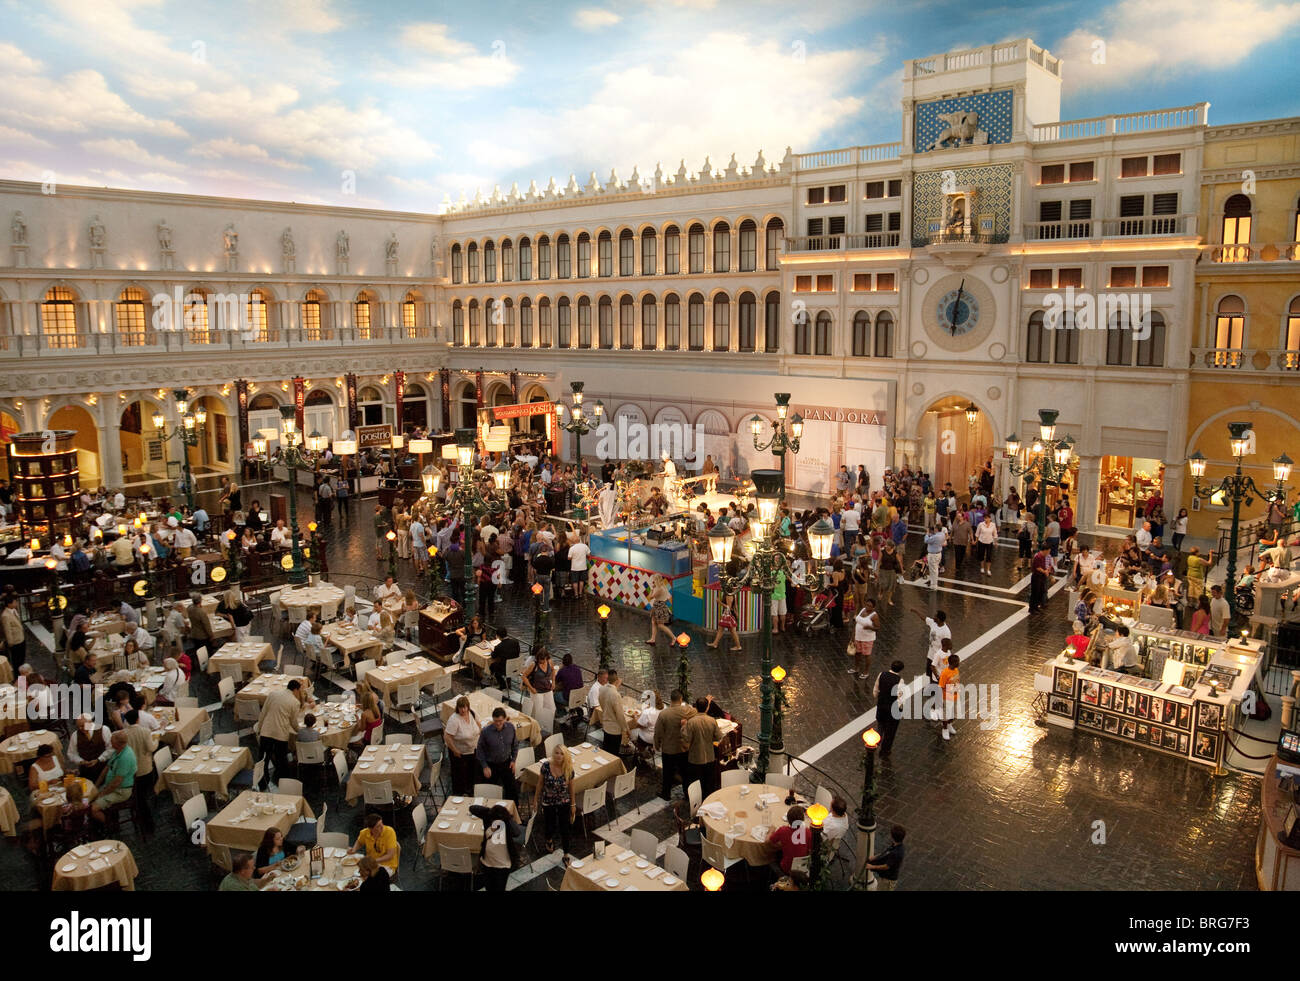 The venetian las vegas hotel deals - A View Inside The Venetian Hotel The Strip Las Vegas Usa